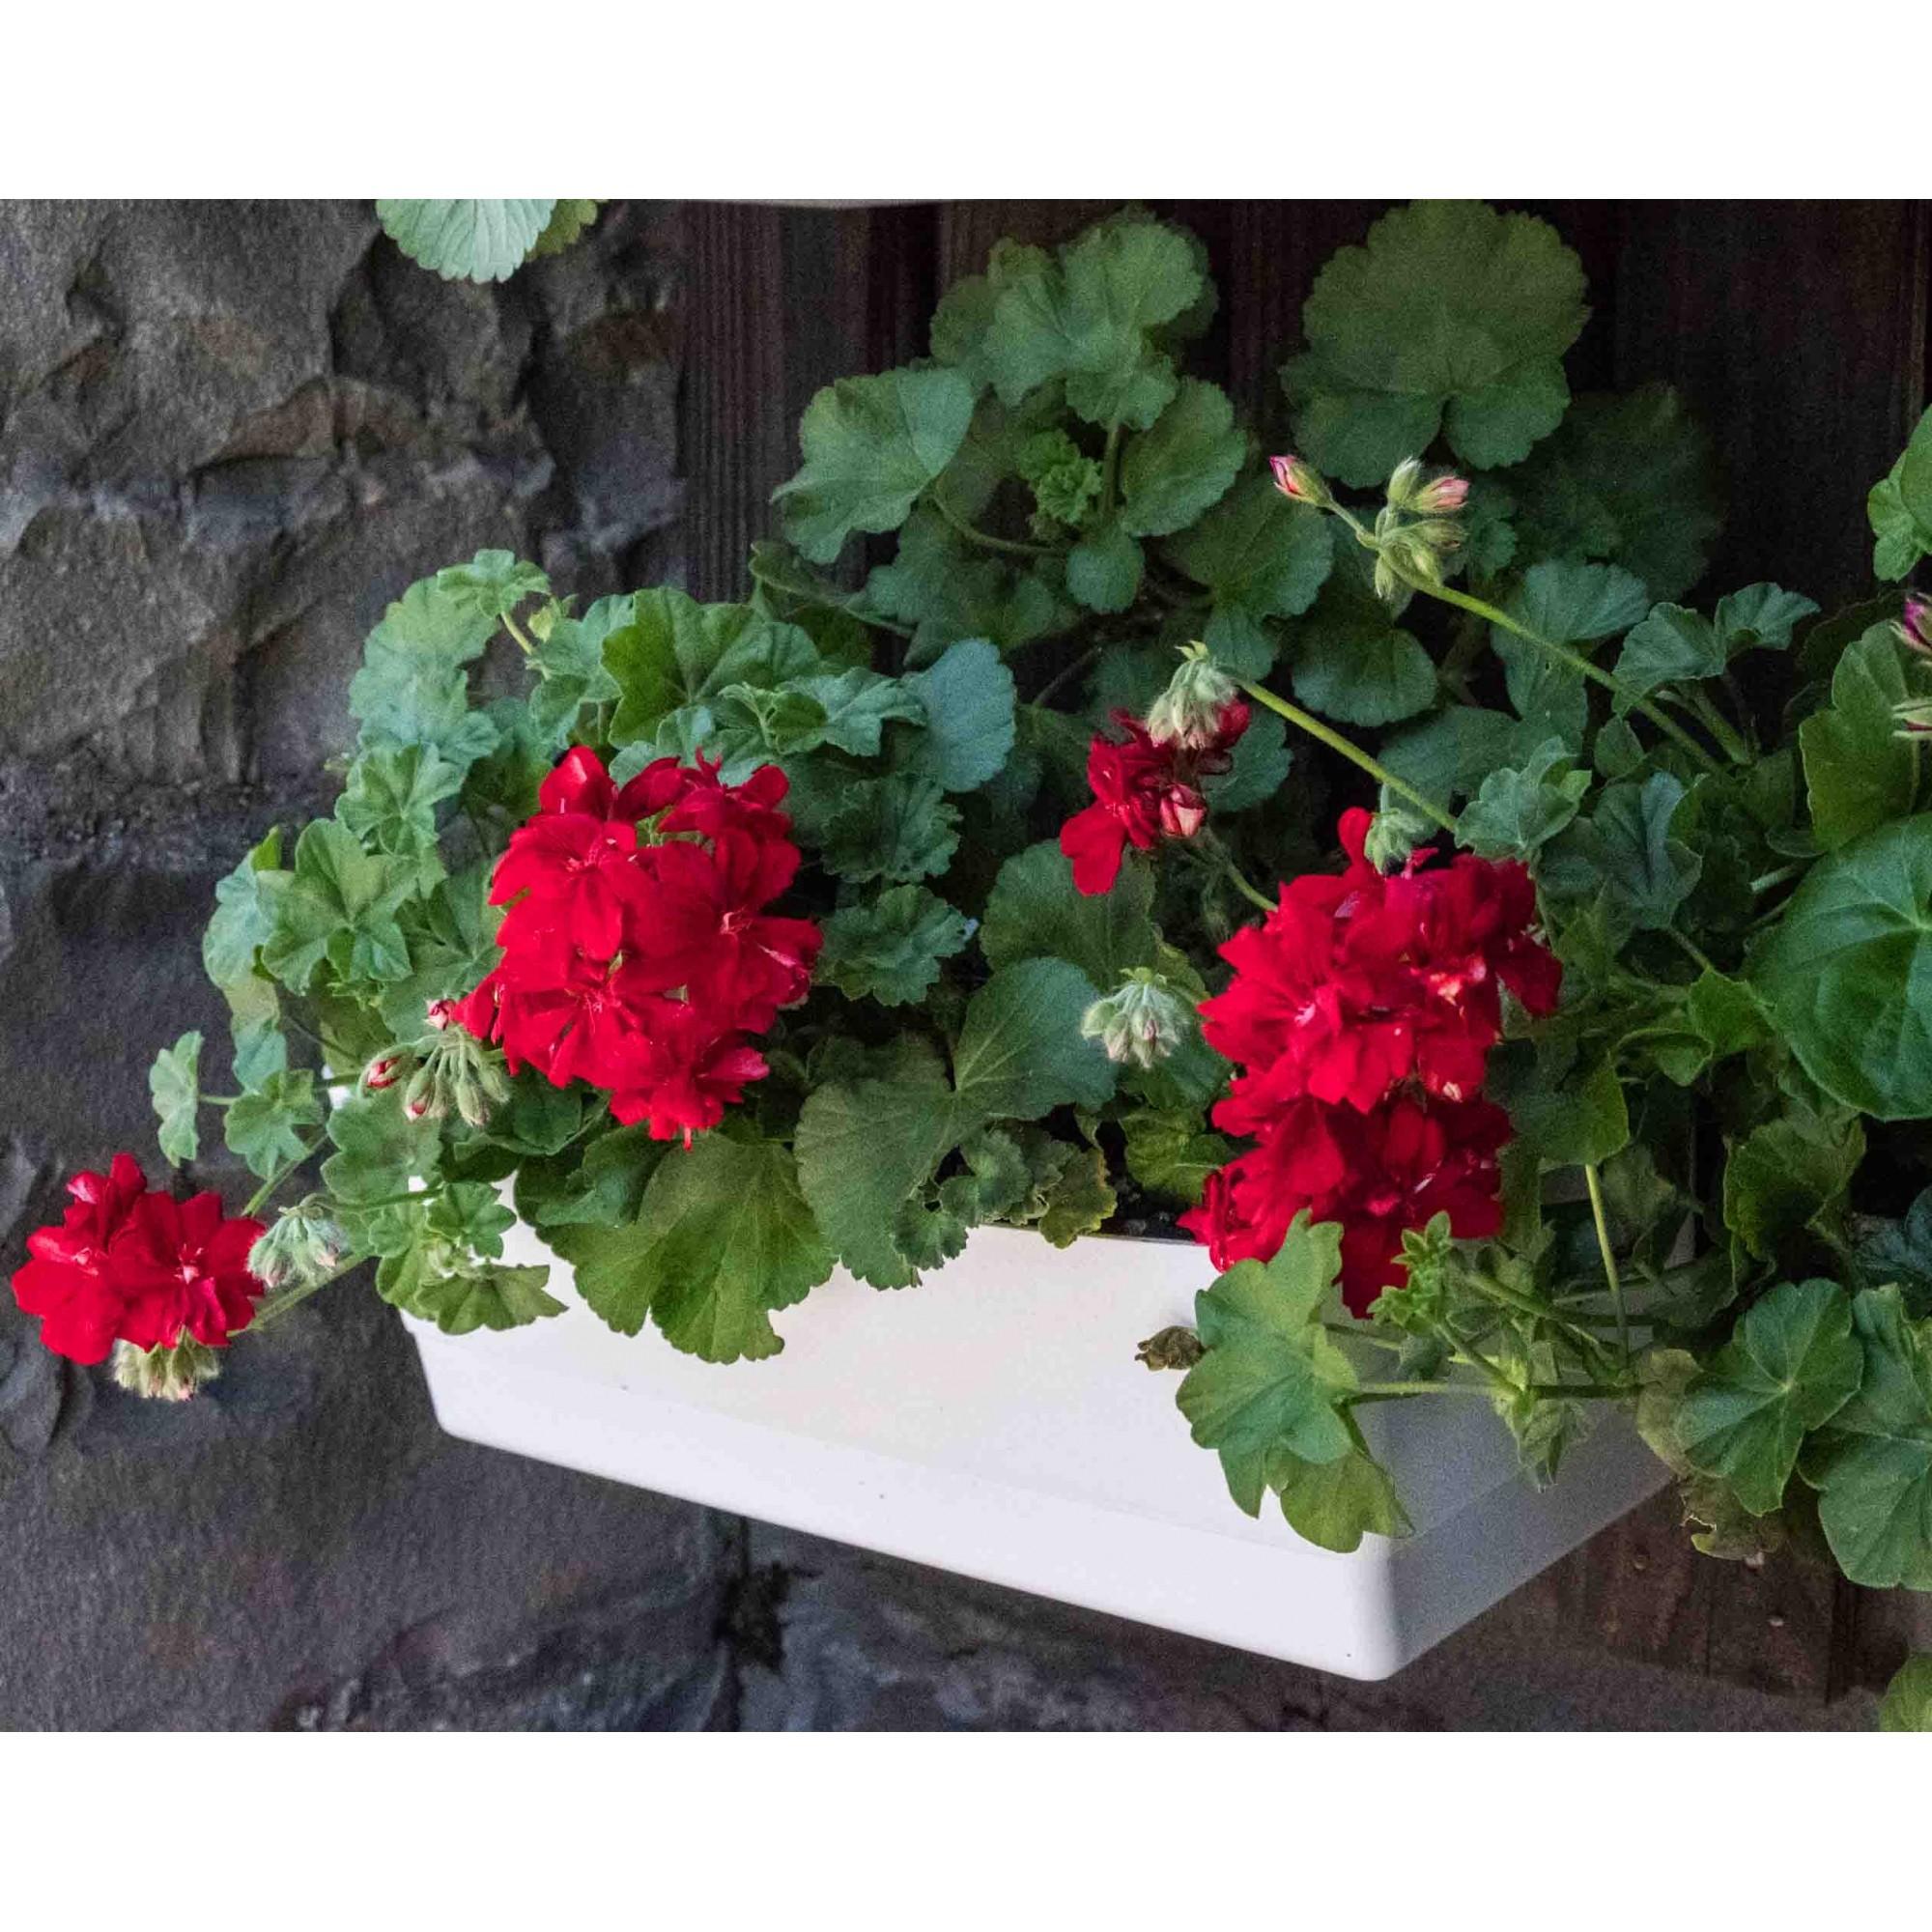 Vaso de Parede Horta Autoirrigável Acqua Planta Laranja 18cm x 44cm